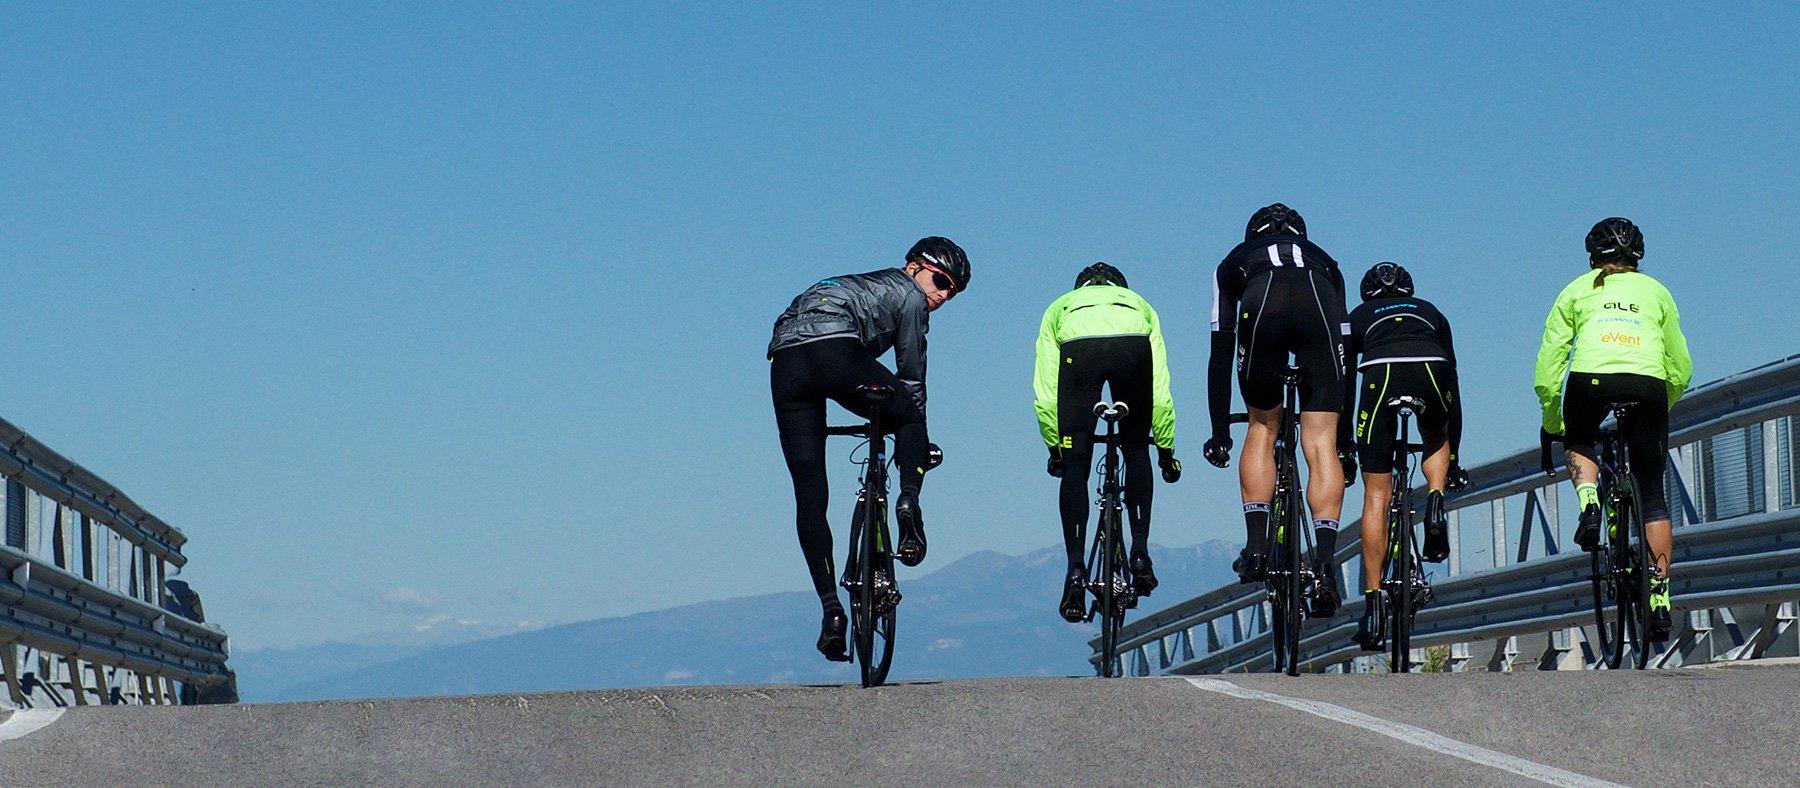 gruppo di ciclisti su strada